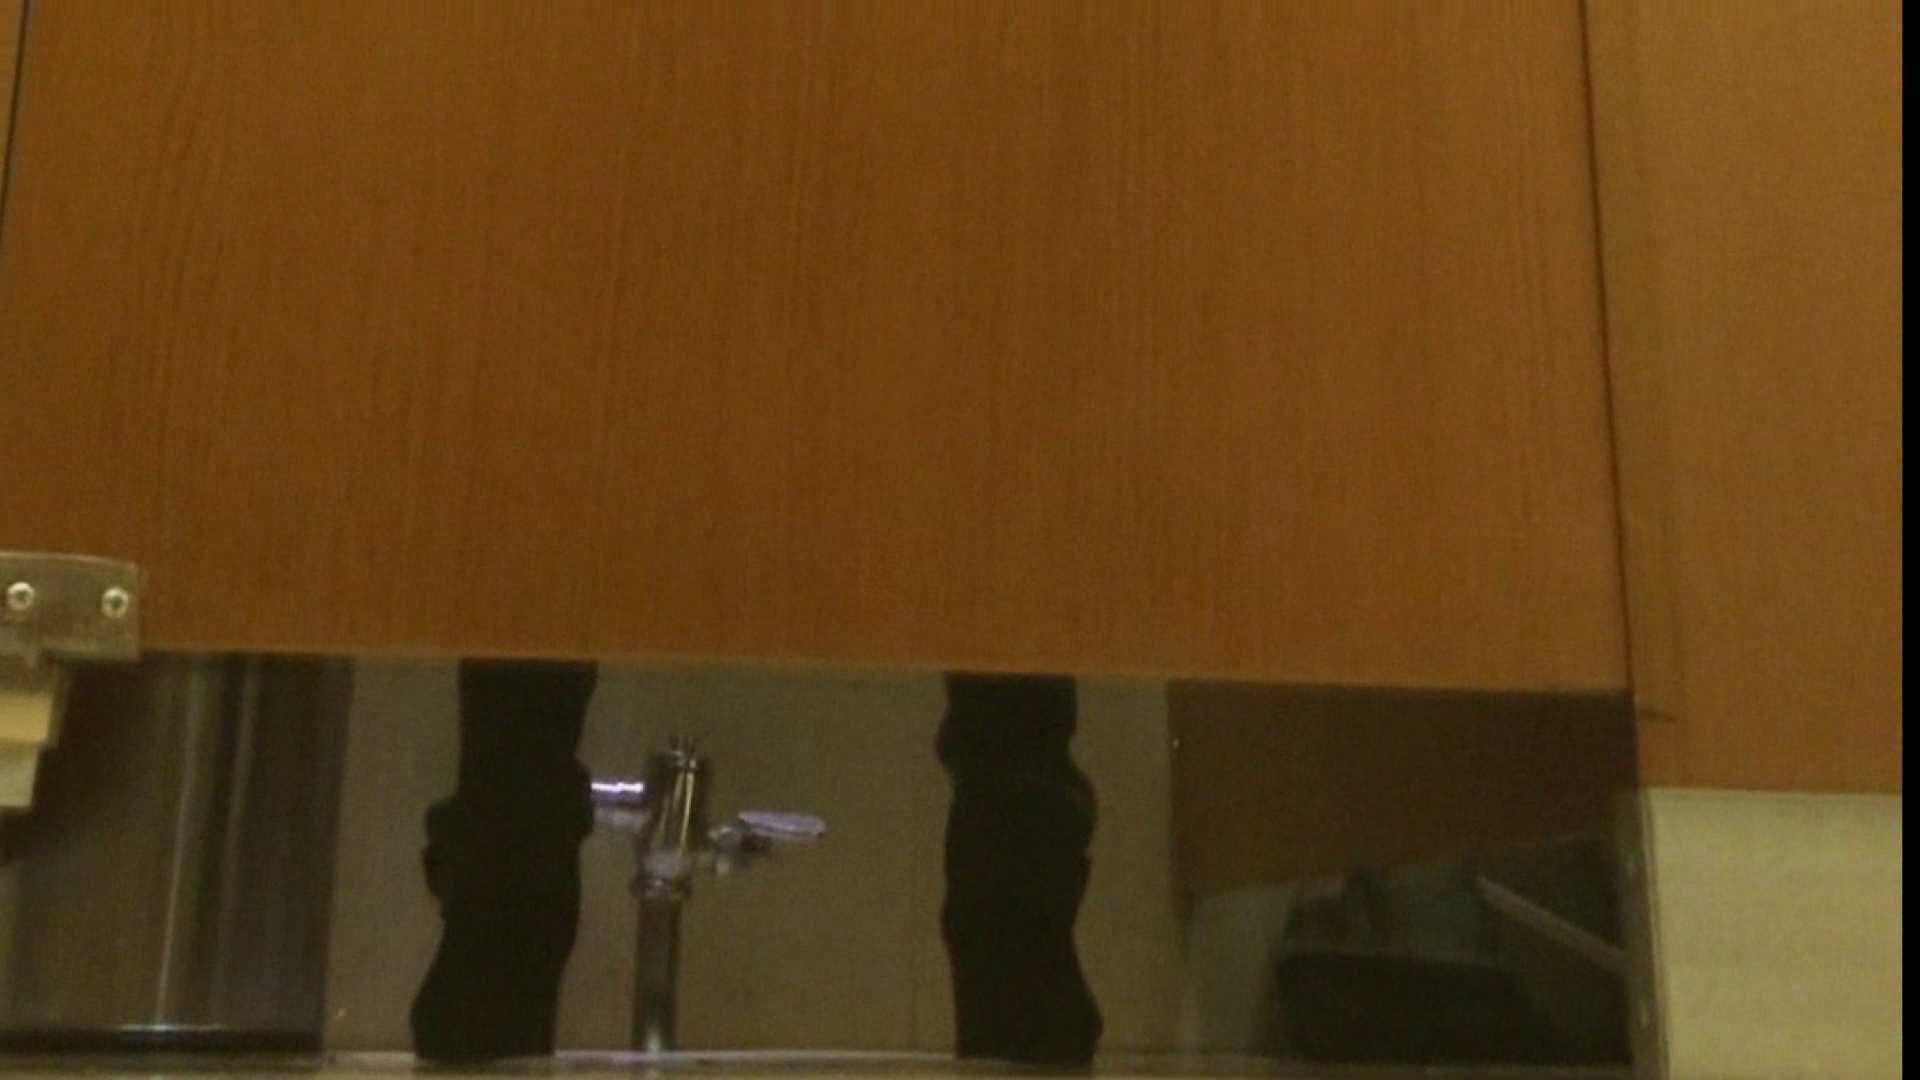 隣国化粧室下から御免!! No.13 美女ハメ撮り  64Pix 54